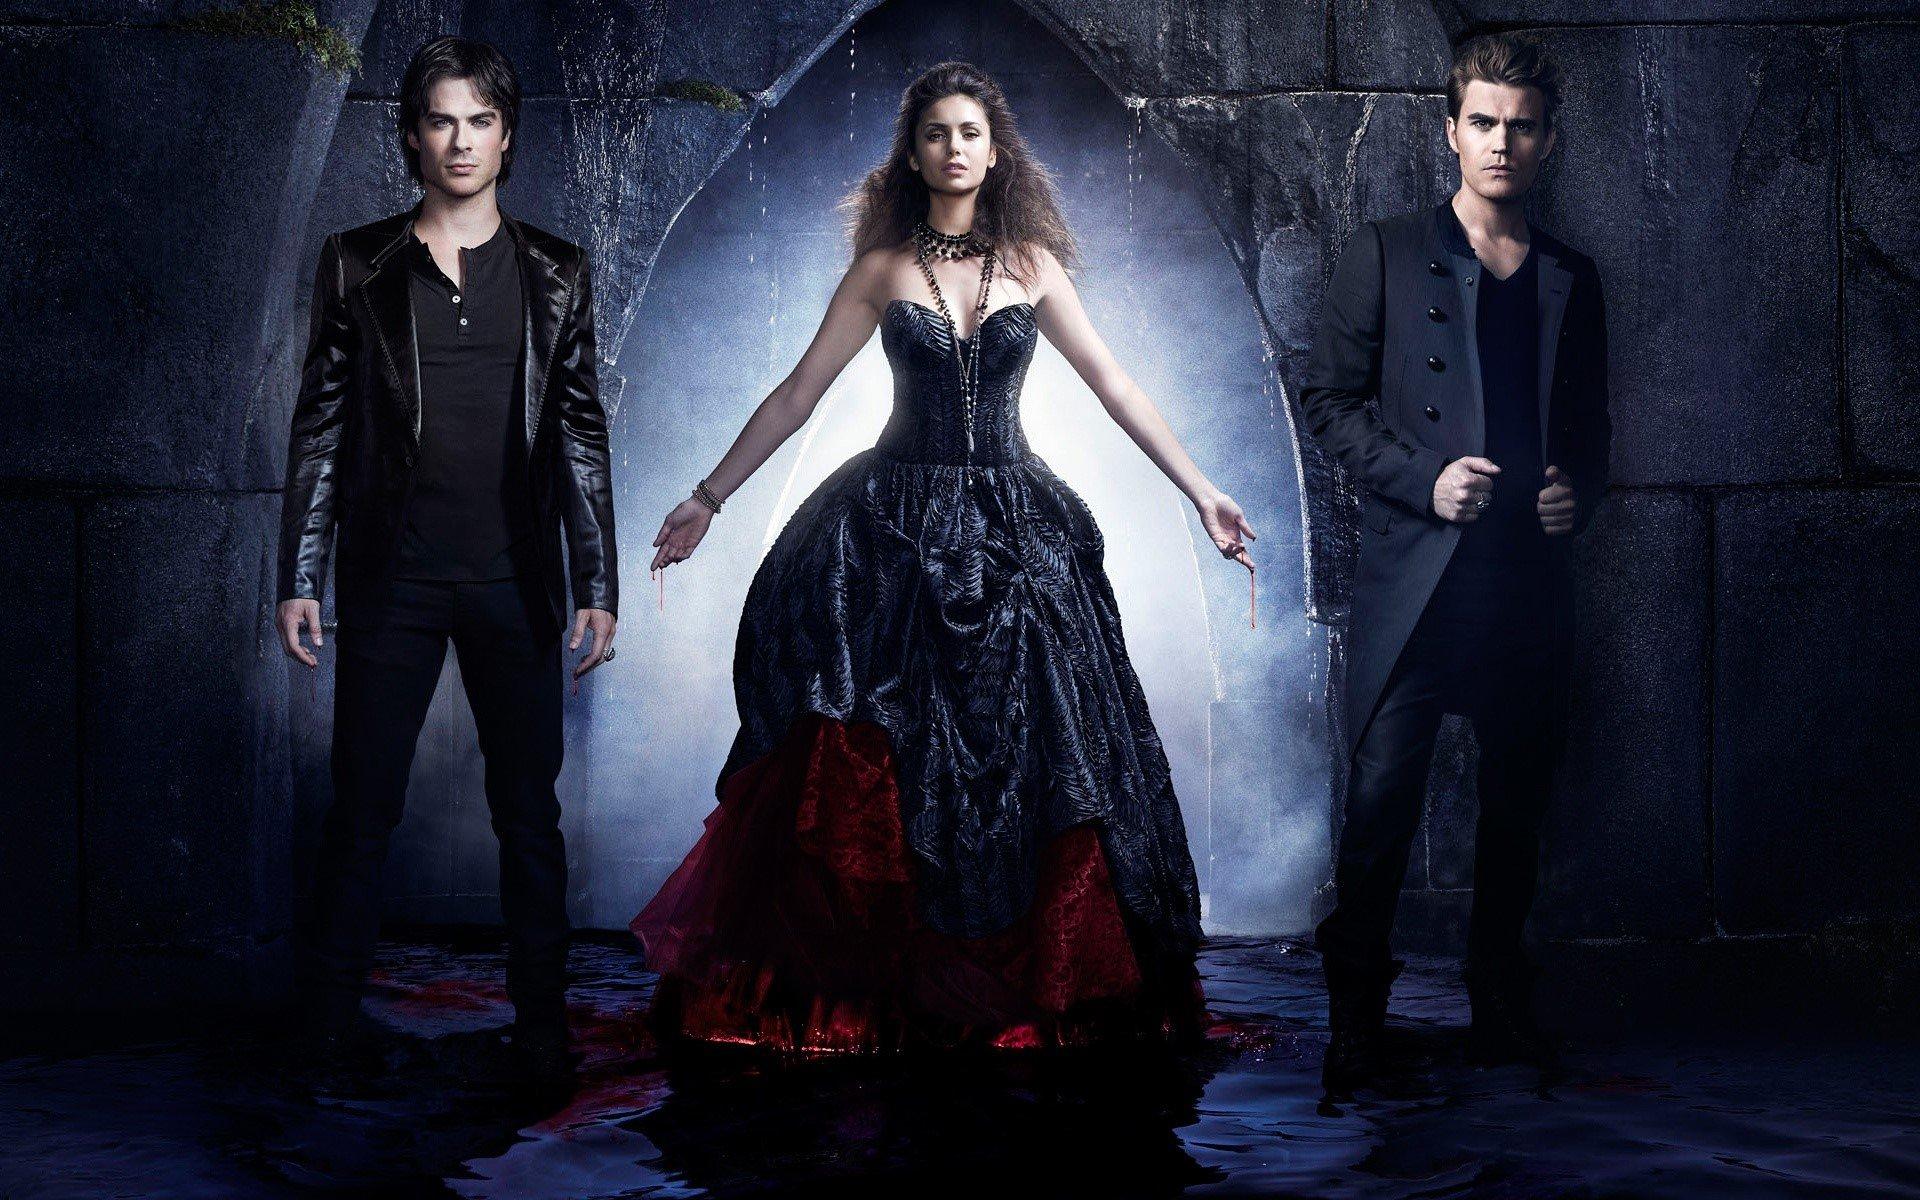 Fondo de pantalla de Temporada 4 de Vampire Diaries Imágenes